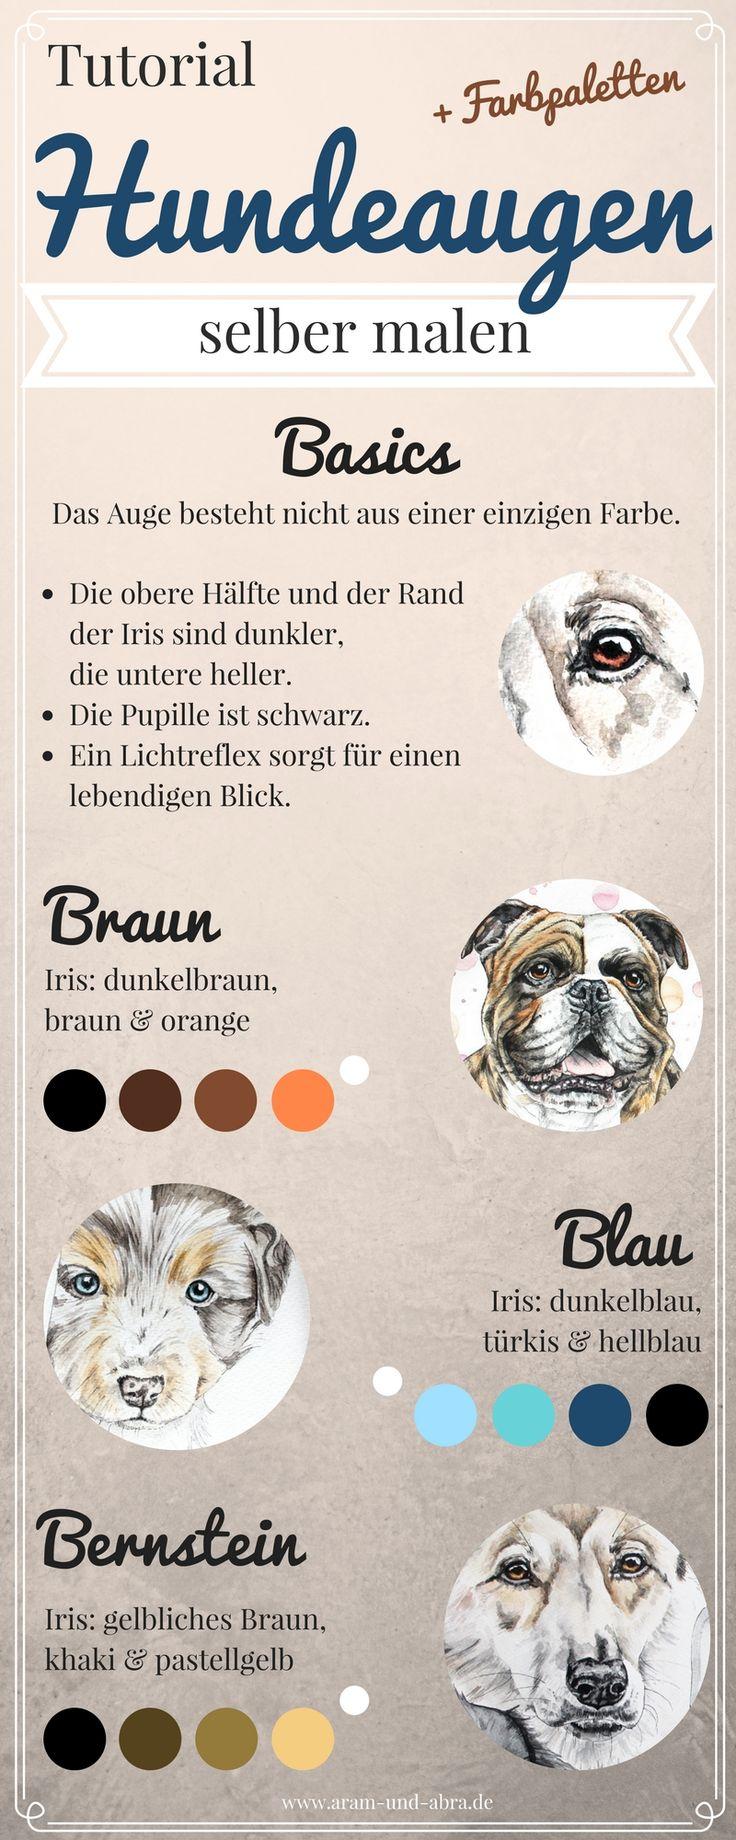 Tutorial: Hundeaugen malen, mit Farbpaletten dür die verschiedenen Augenfarben. Mehr dazu auf dem Blog: http://www.aram-und-abra.de/2017/01/wie-kommt-die-seele-ins-bild.html